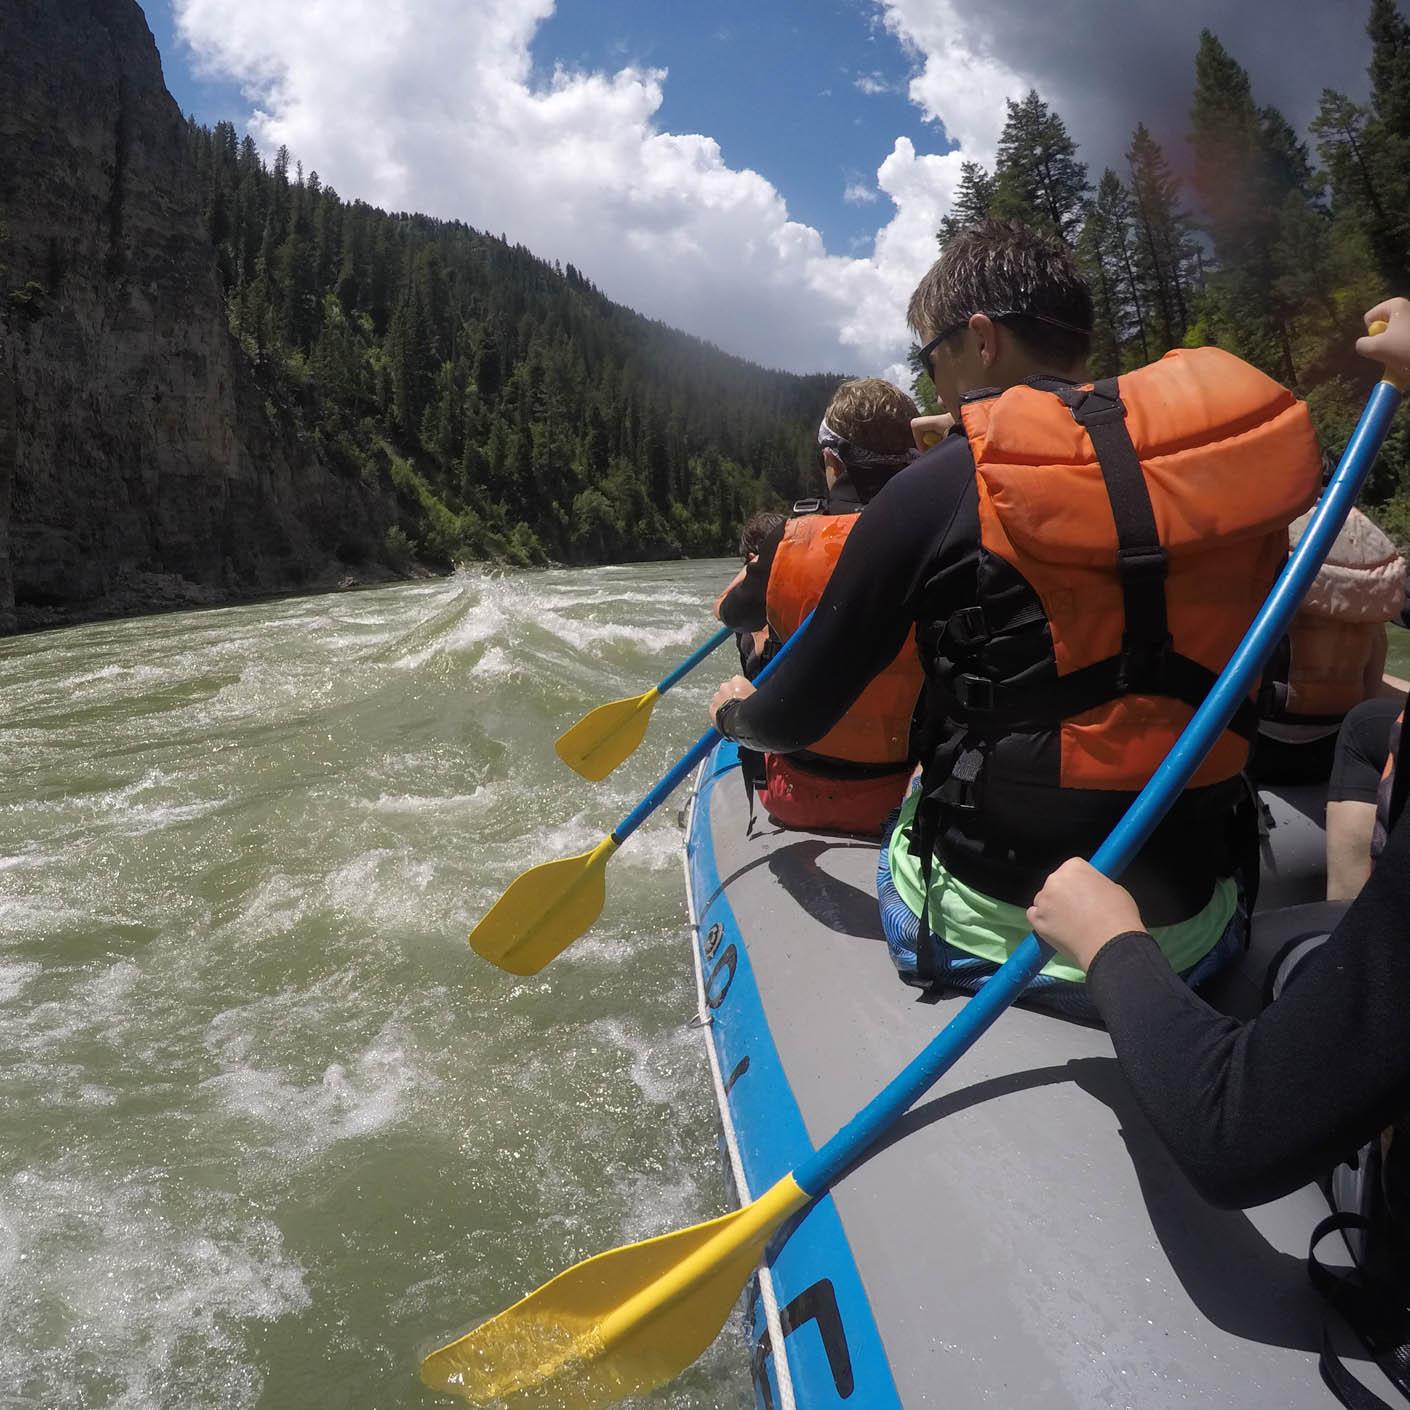 Jackson Hole Fly Fishing whitewater rafting